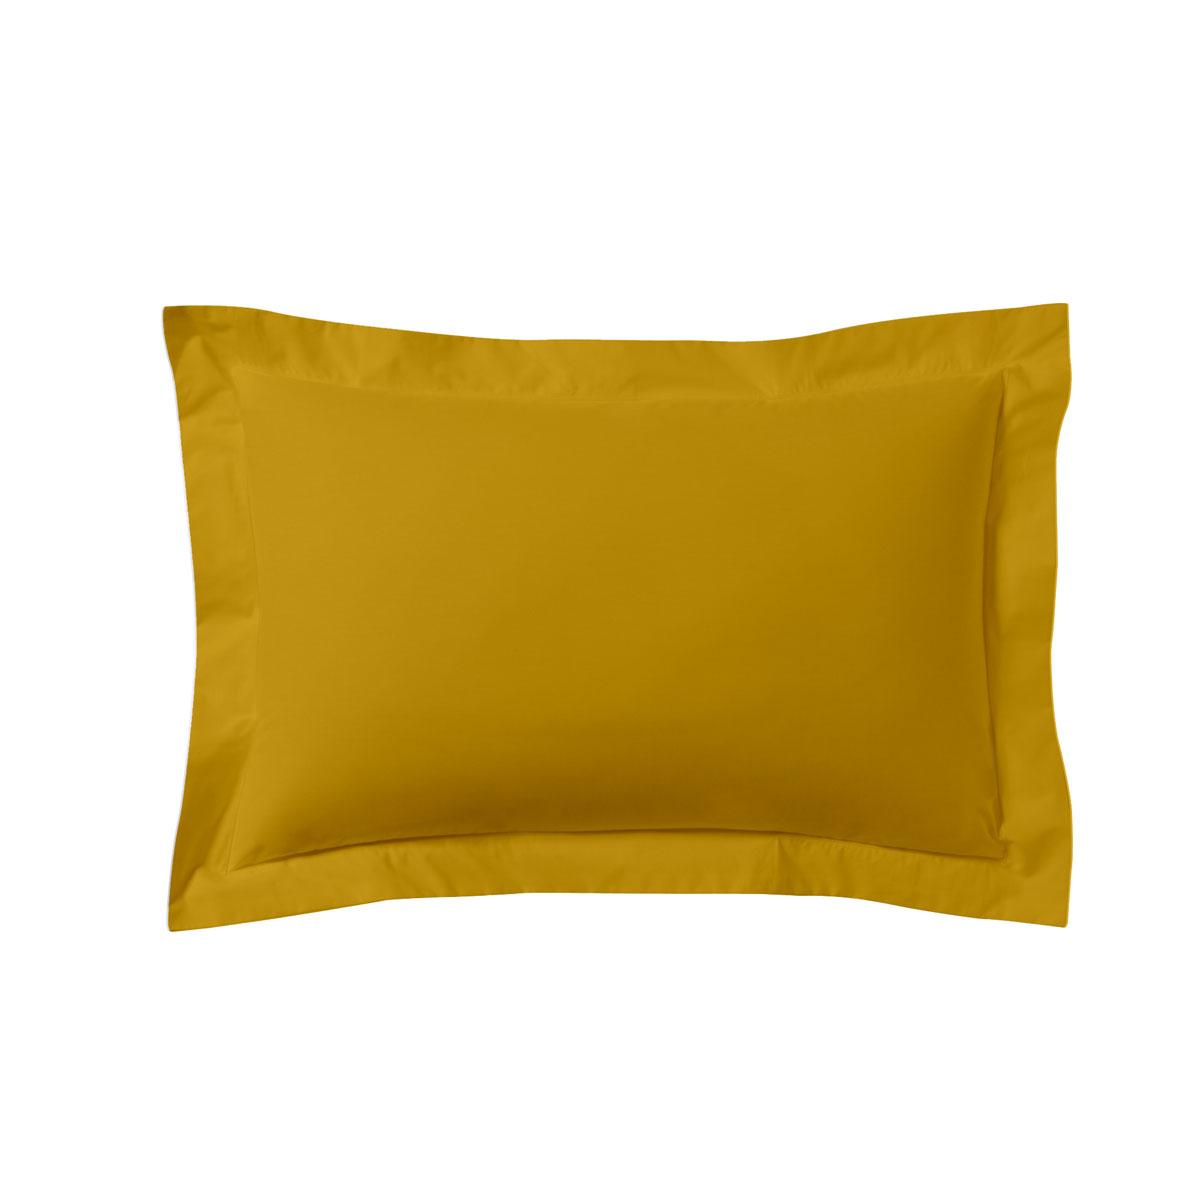 Taie d'oreiller unie en coton jaune curry 50x70